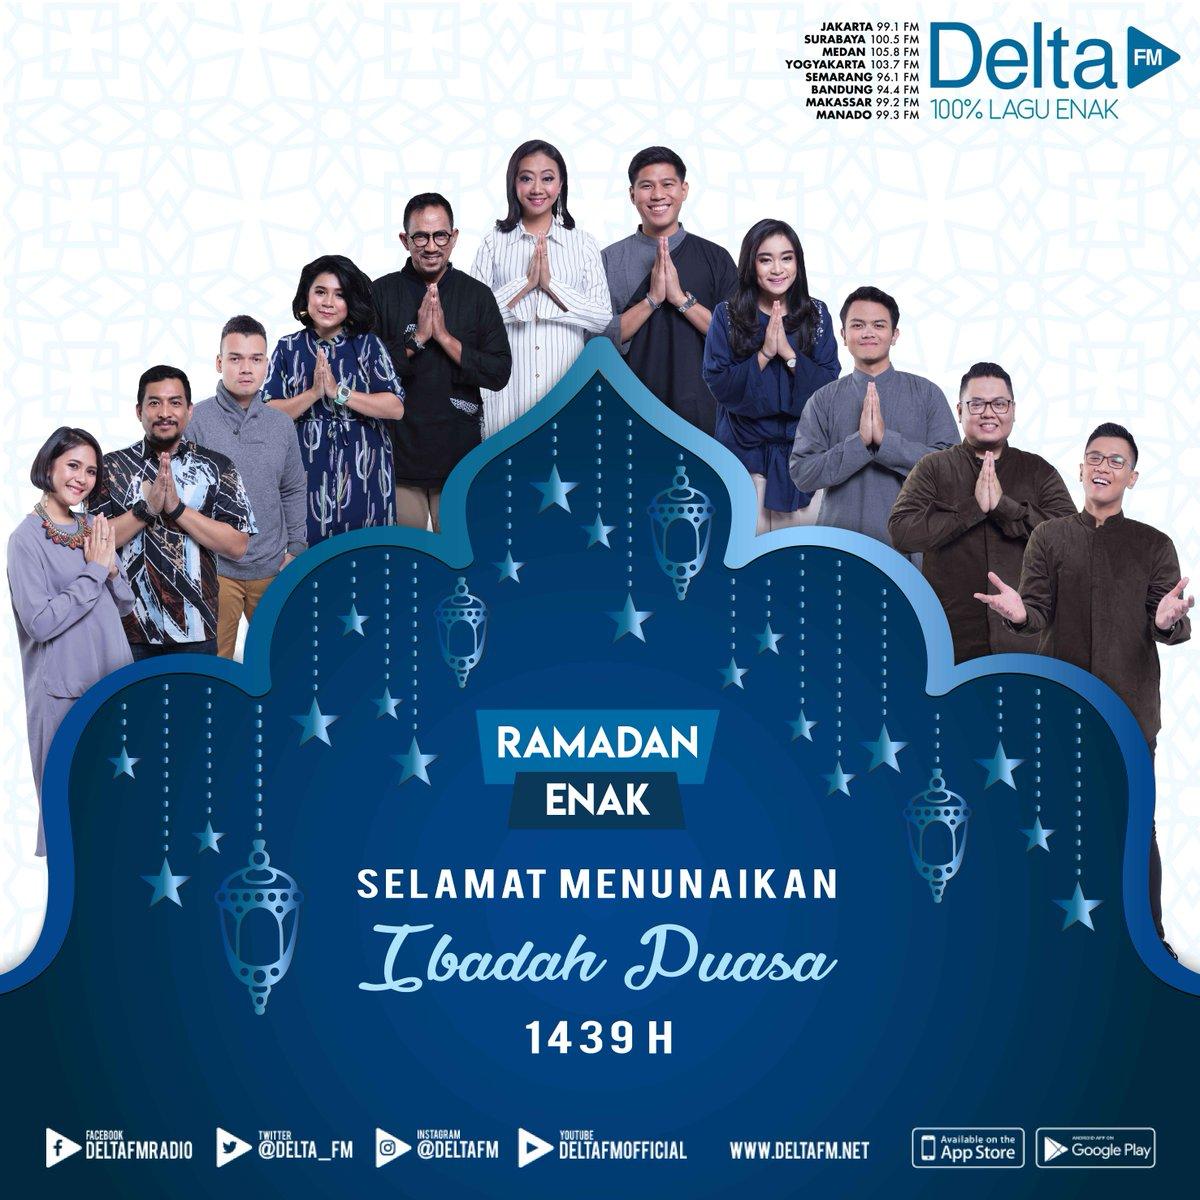 99 1 deltafm jakarta sur twitter delta fm bersama seluruh crew yang bertugas mengucapkan selamat menunaikan ibadah puasa 1439 h ramadhanenakdeltafm